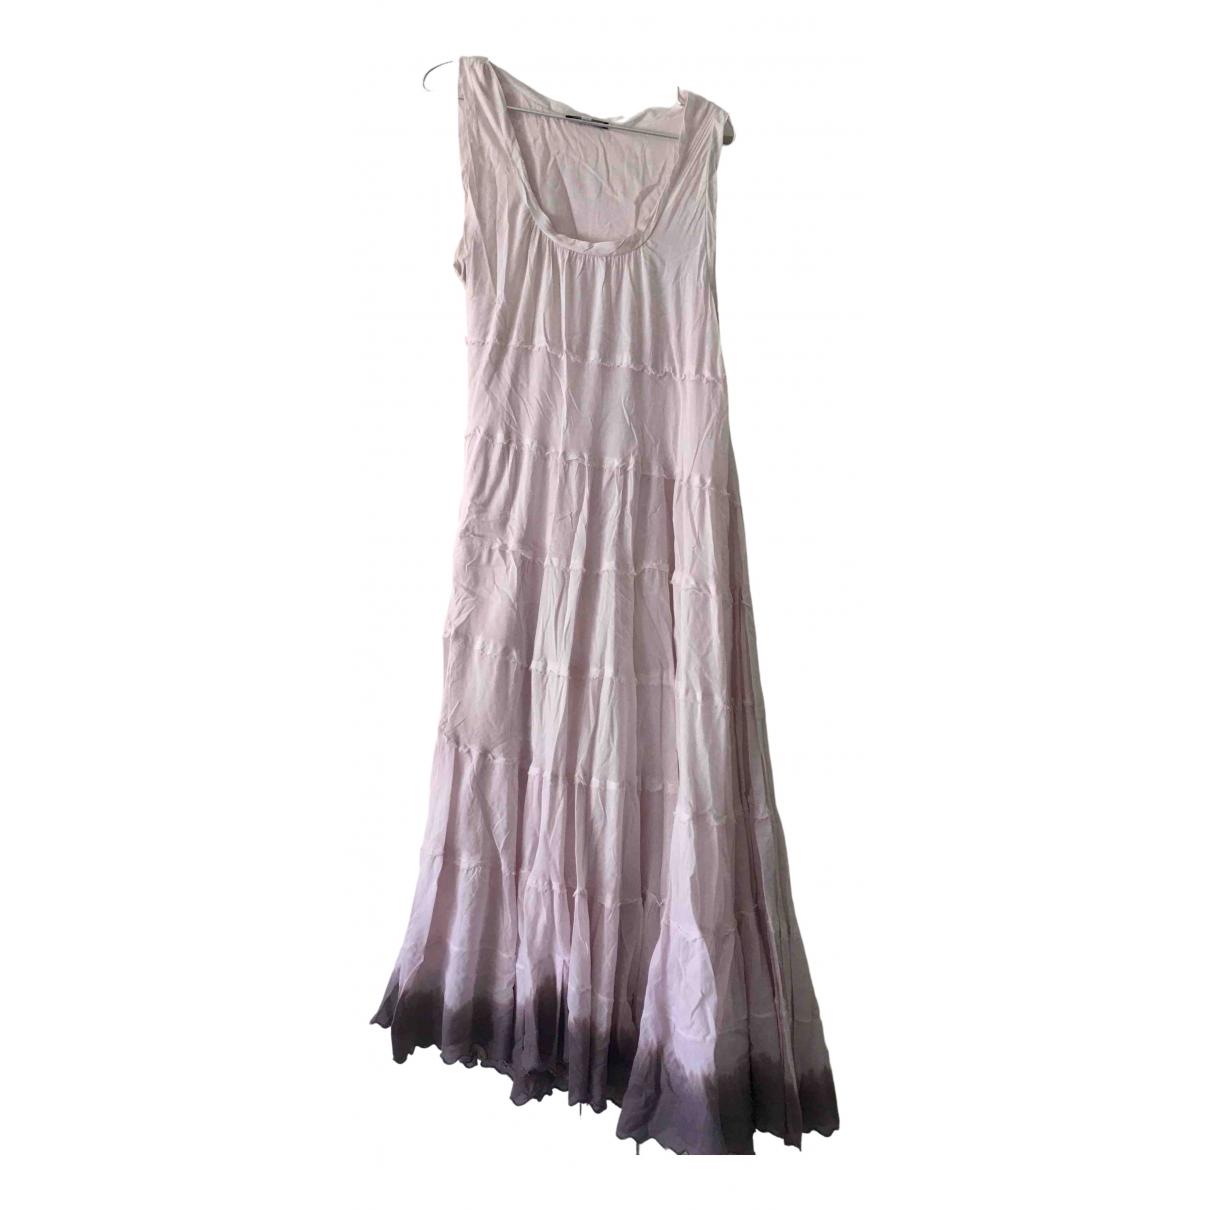 Patrizia Pepe N Pink Cotton dress for Women 44 IT